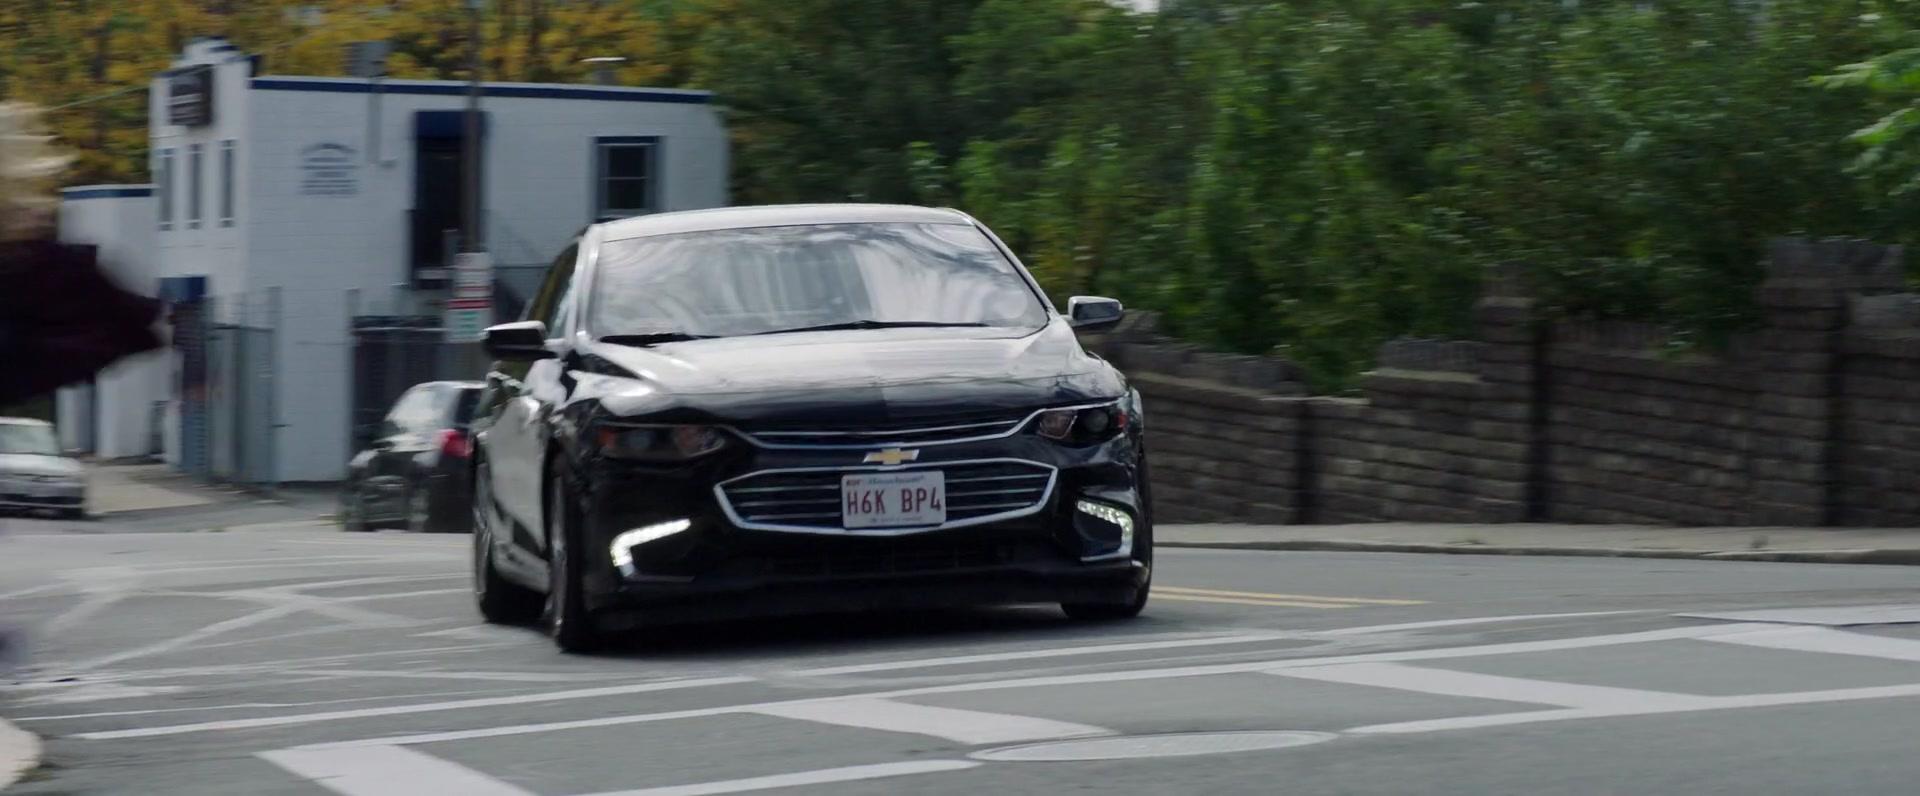 Chevrolet Malibu Car Driven by Denzel Washington in The